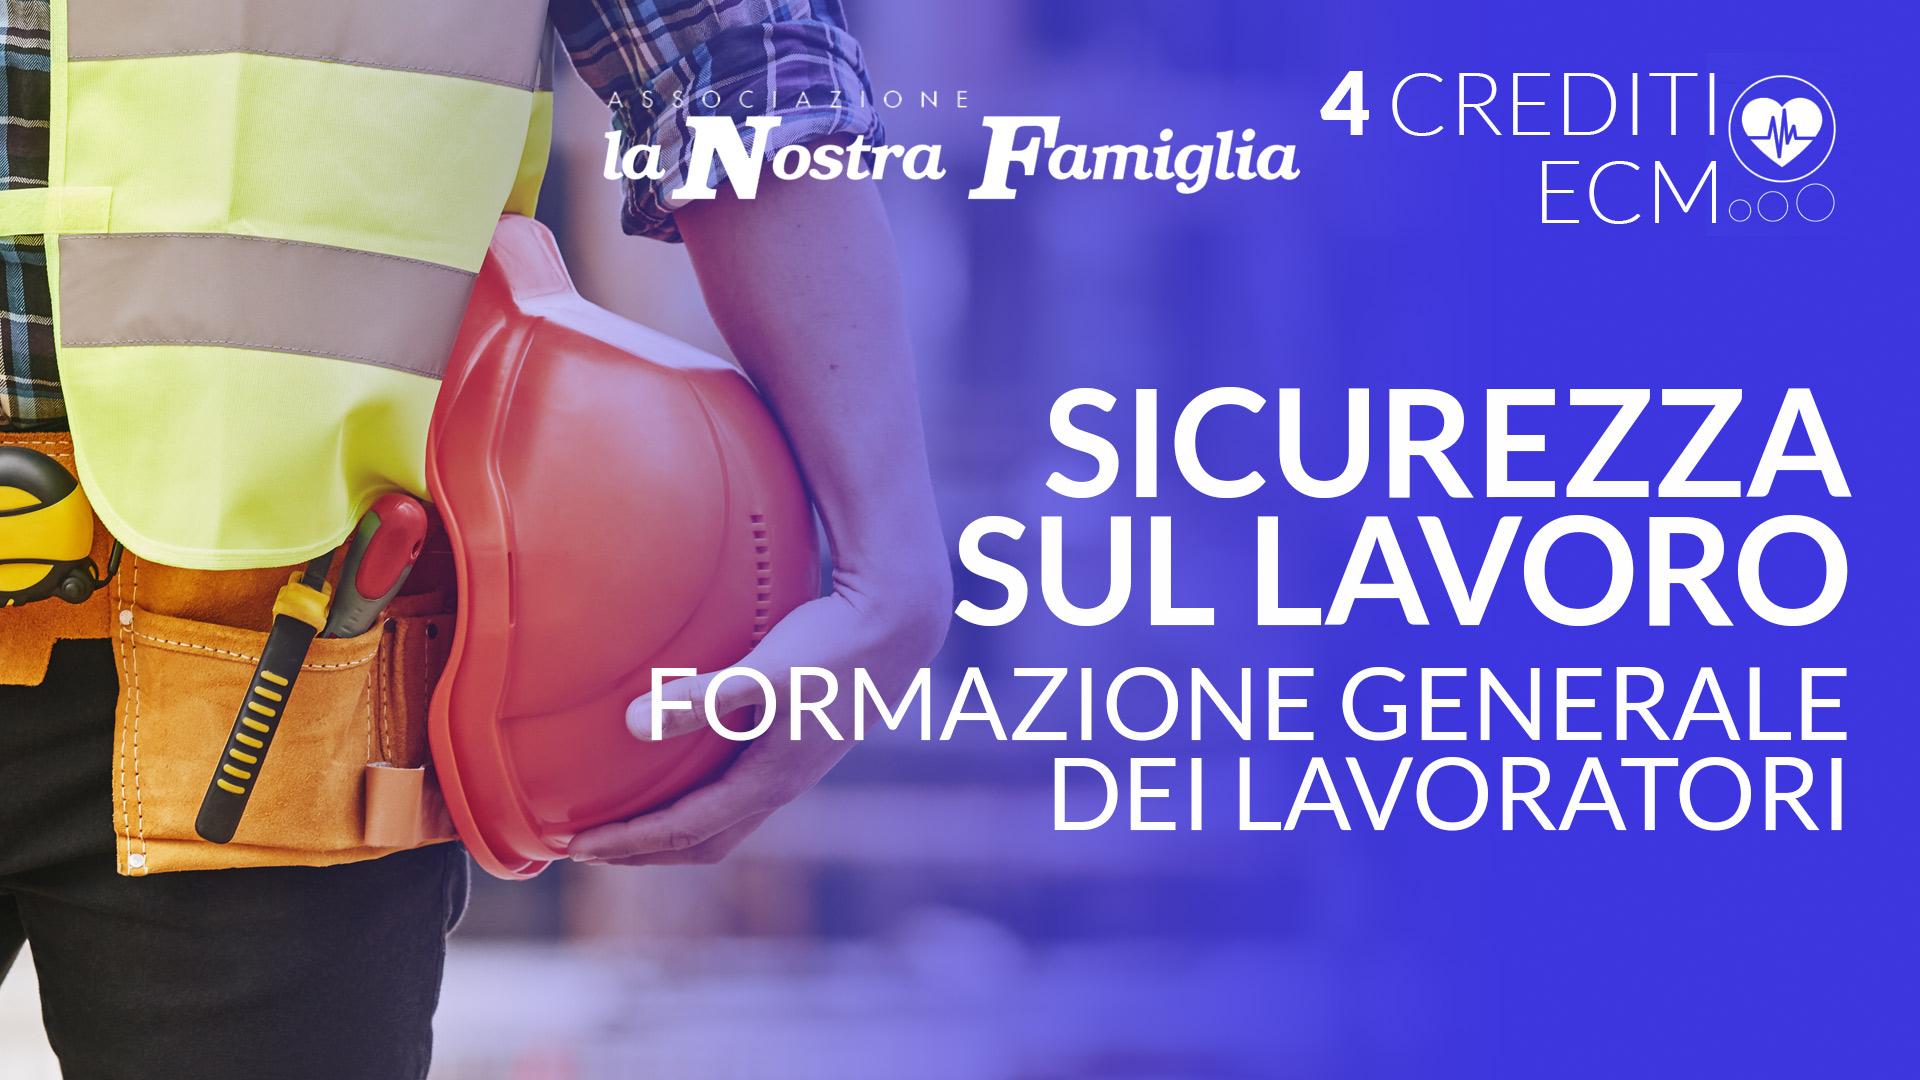 Sicurezza sul lavoro formazione generale dei lavoratori